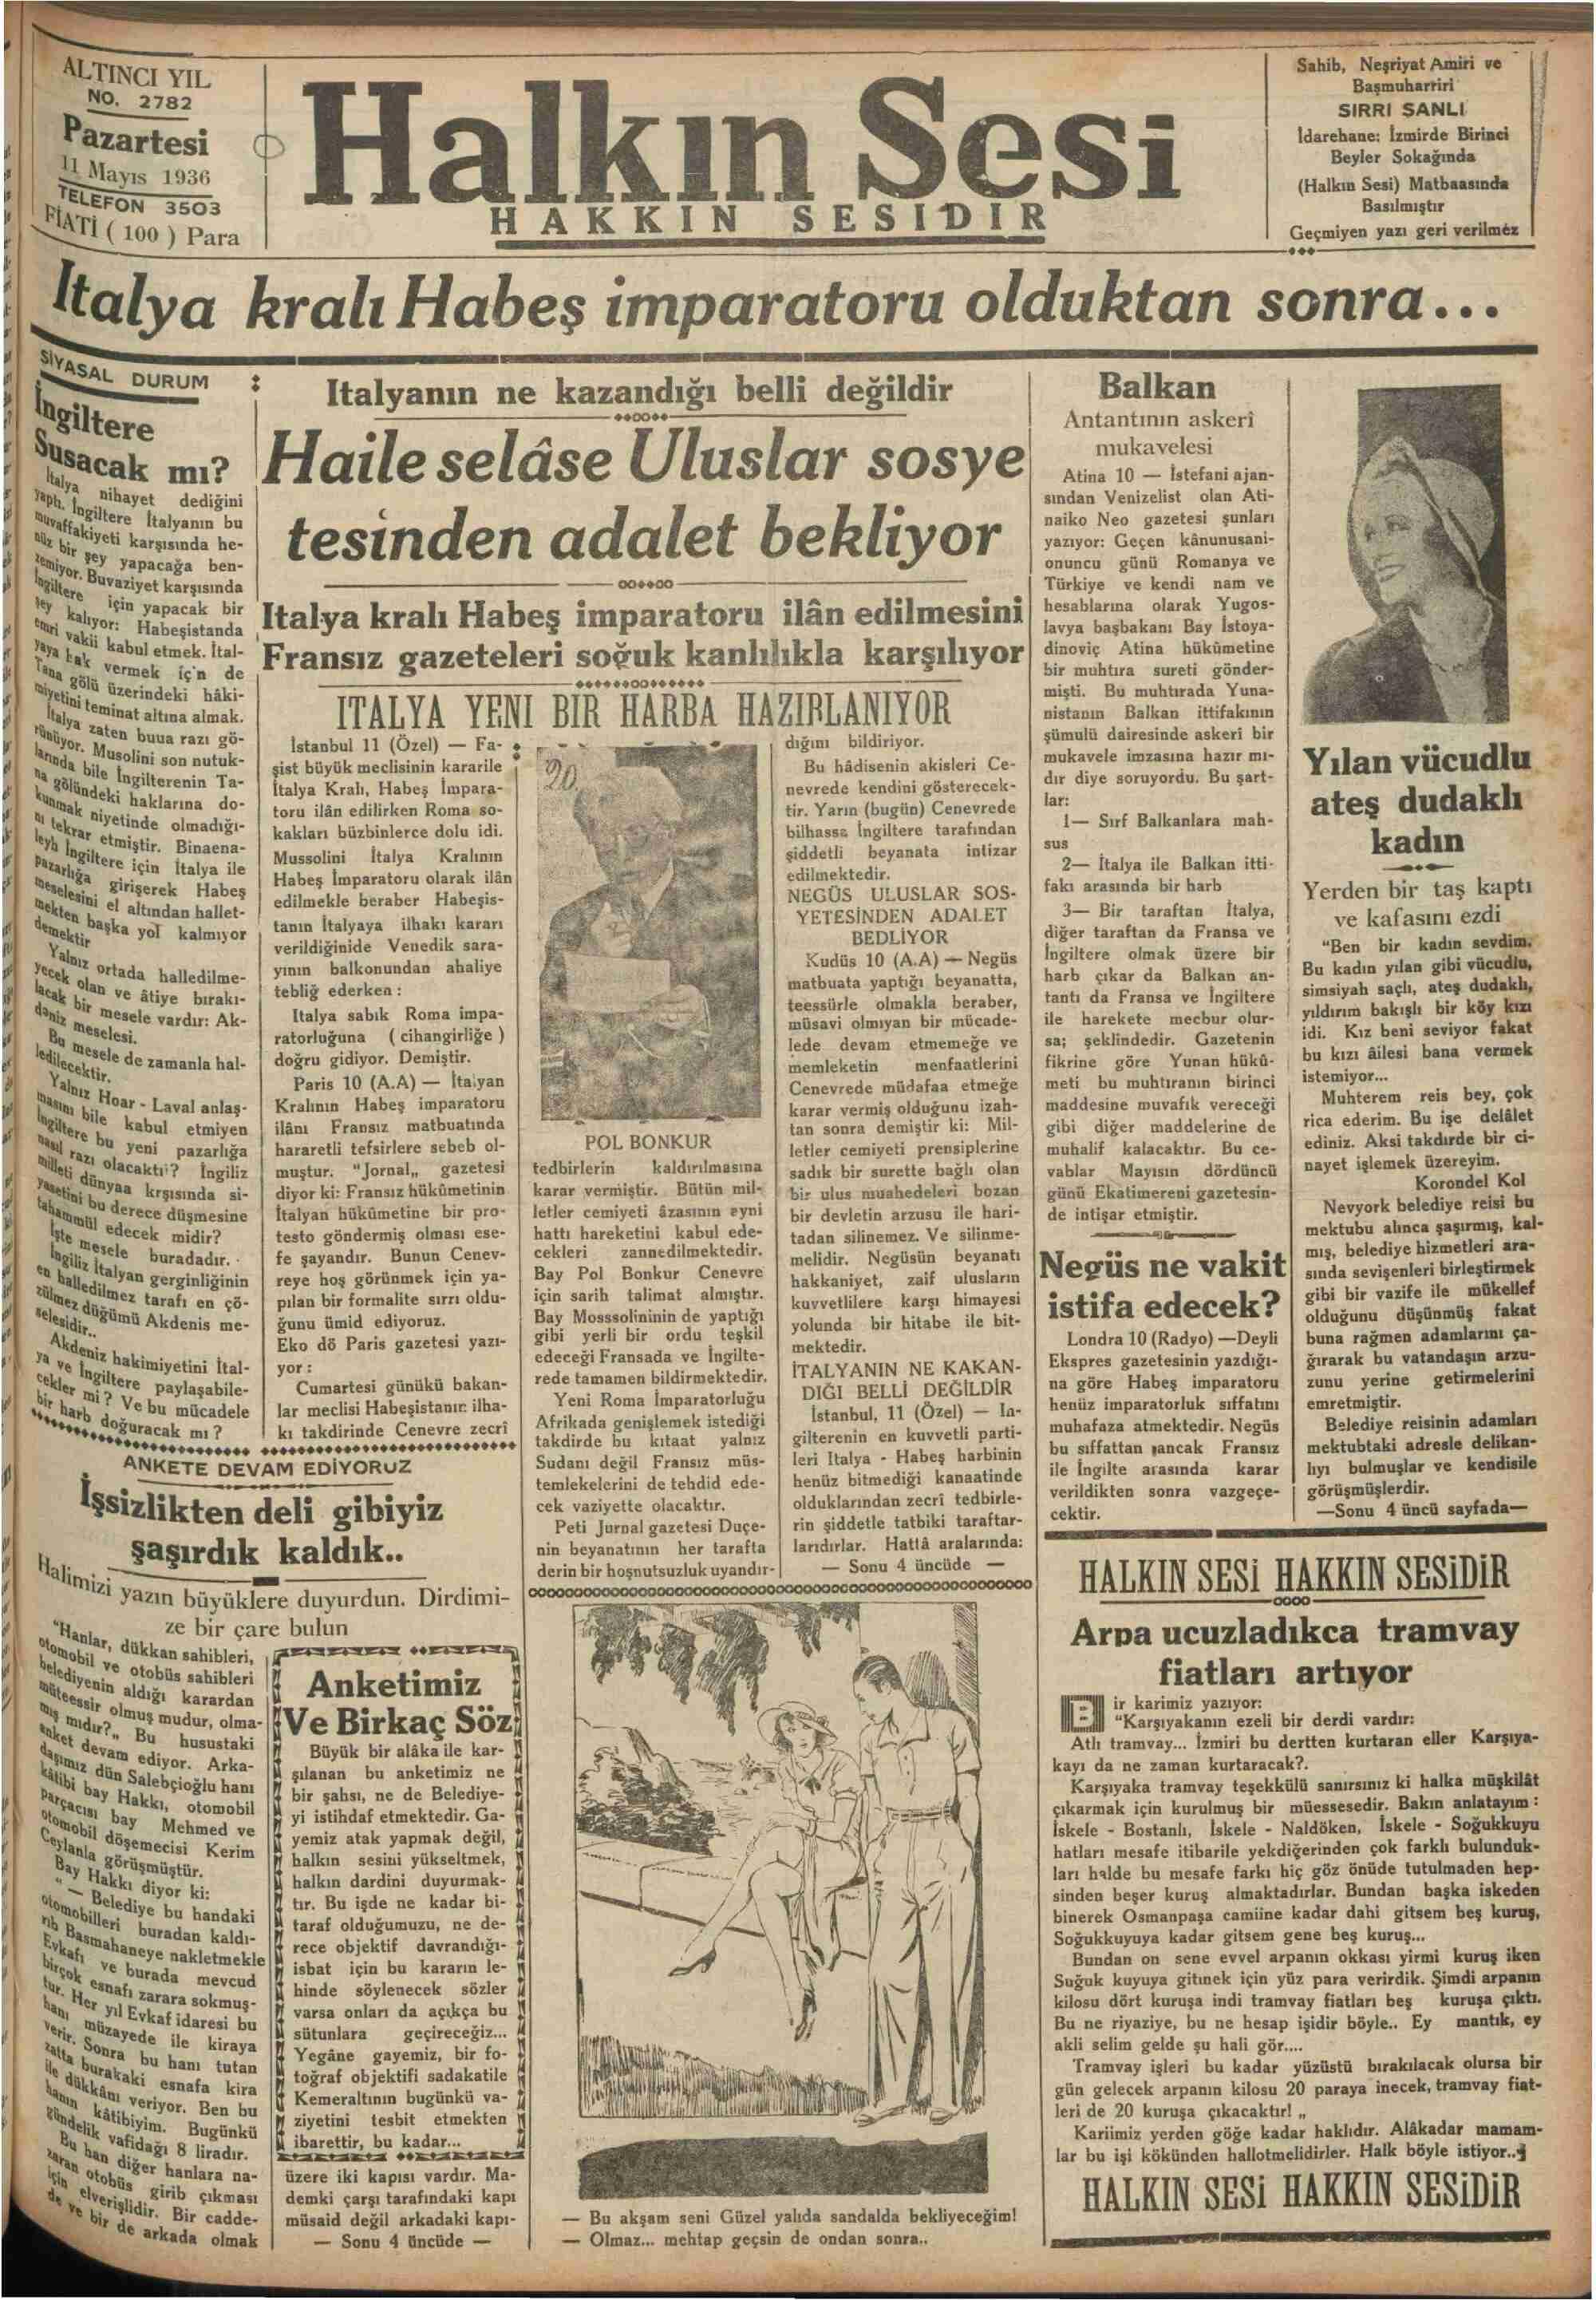 11 Mayıs 1936 Tarihli Halkın Sesi Gazetesi Sayfa 1